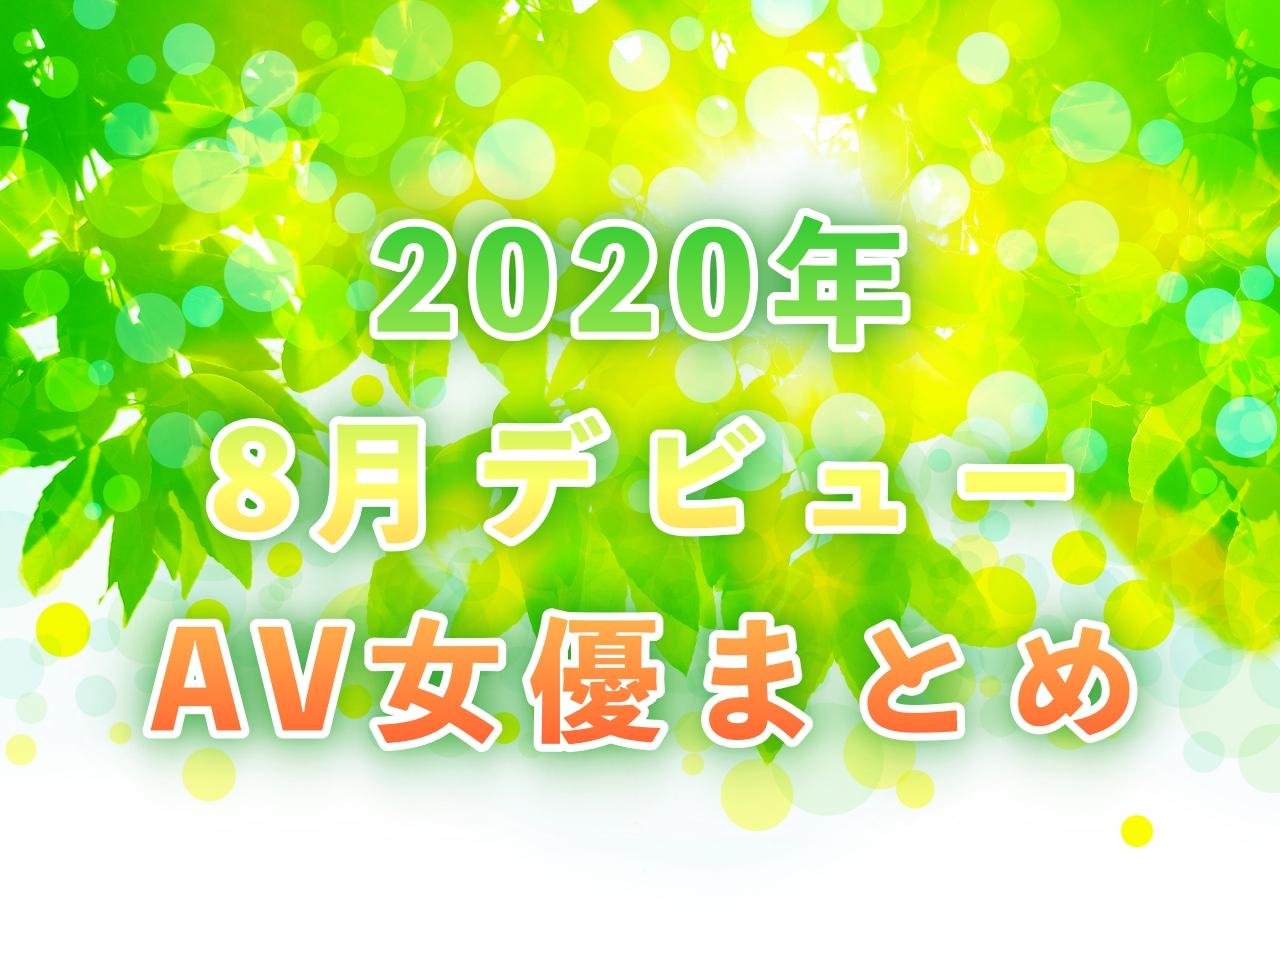 2020年8月デビューのAV女優 アイキャッチ画像